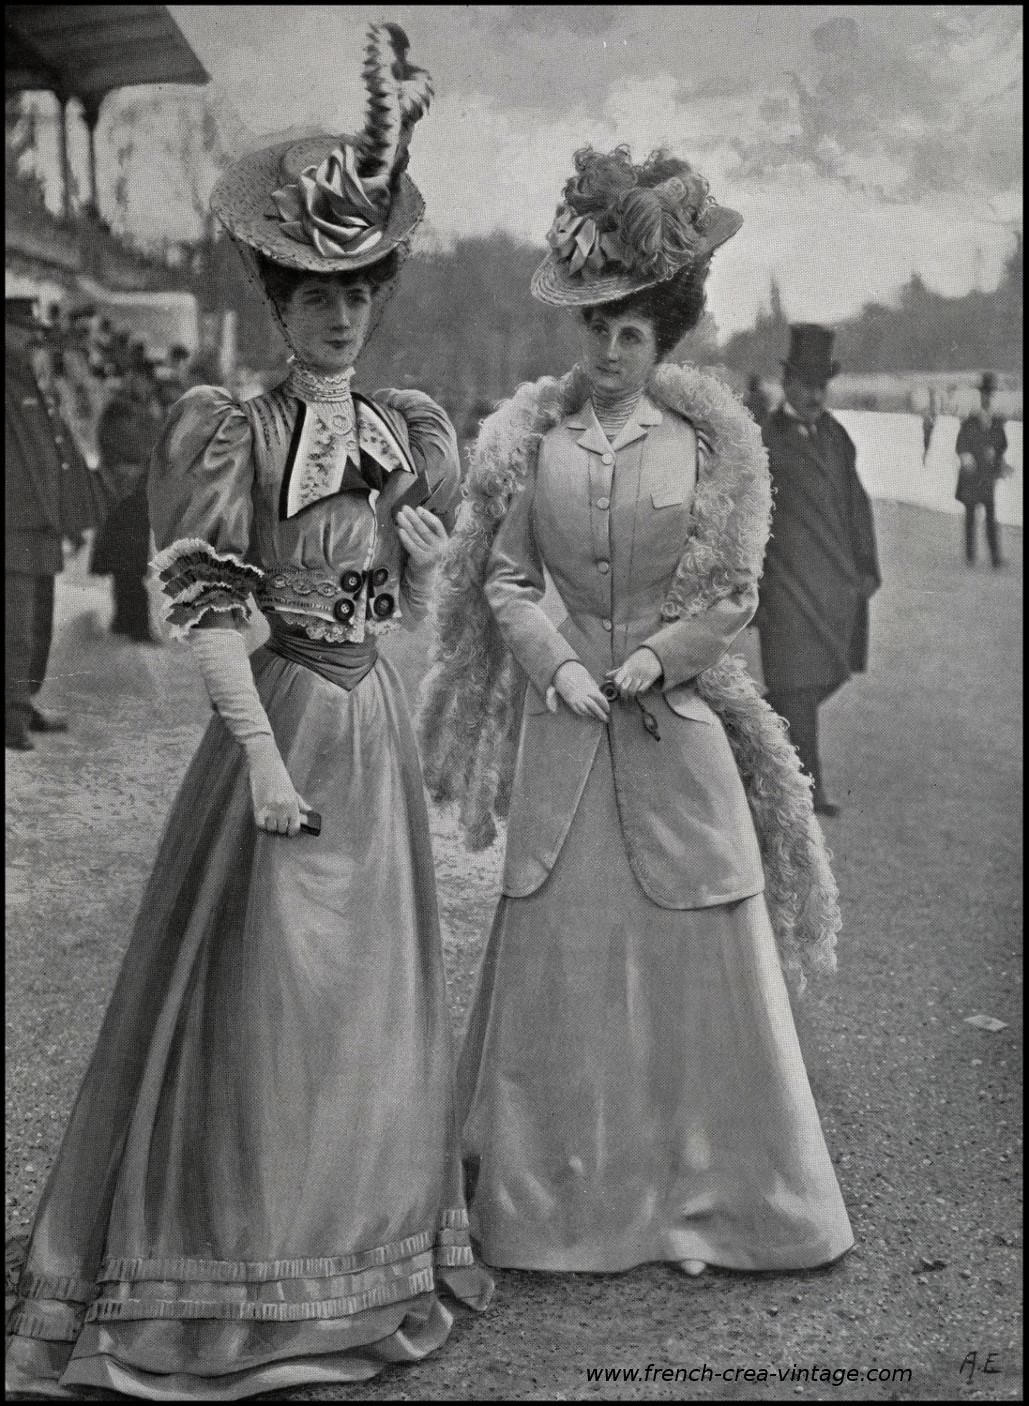 sur le champ de courses en 1905